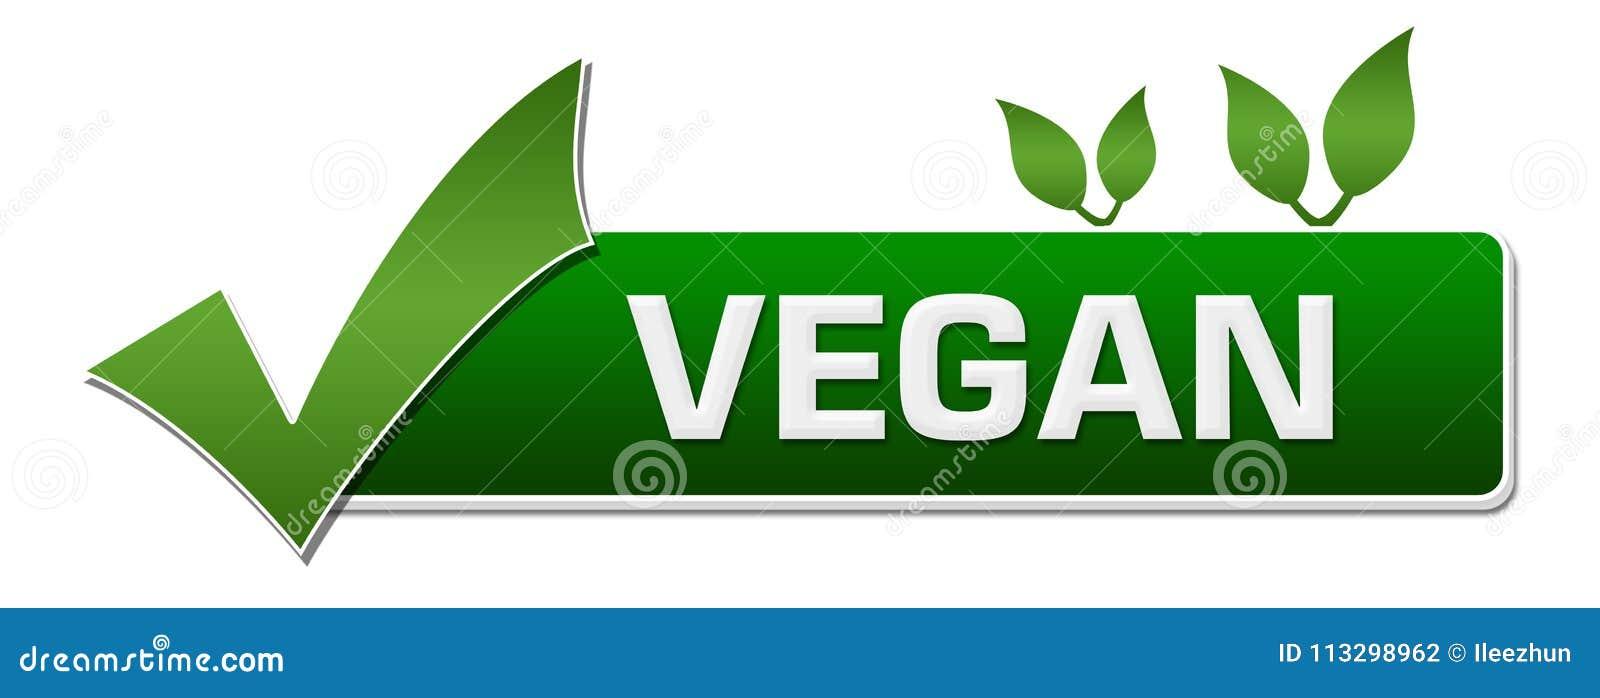 Vegan Green Leaves Tick Mark Stock Illustration Illustration Of